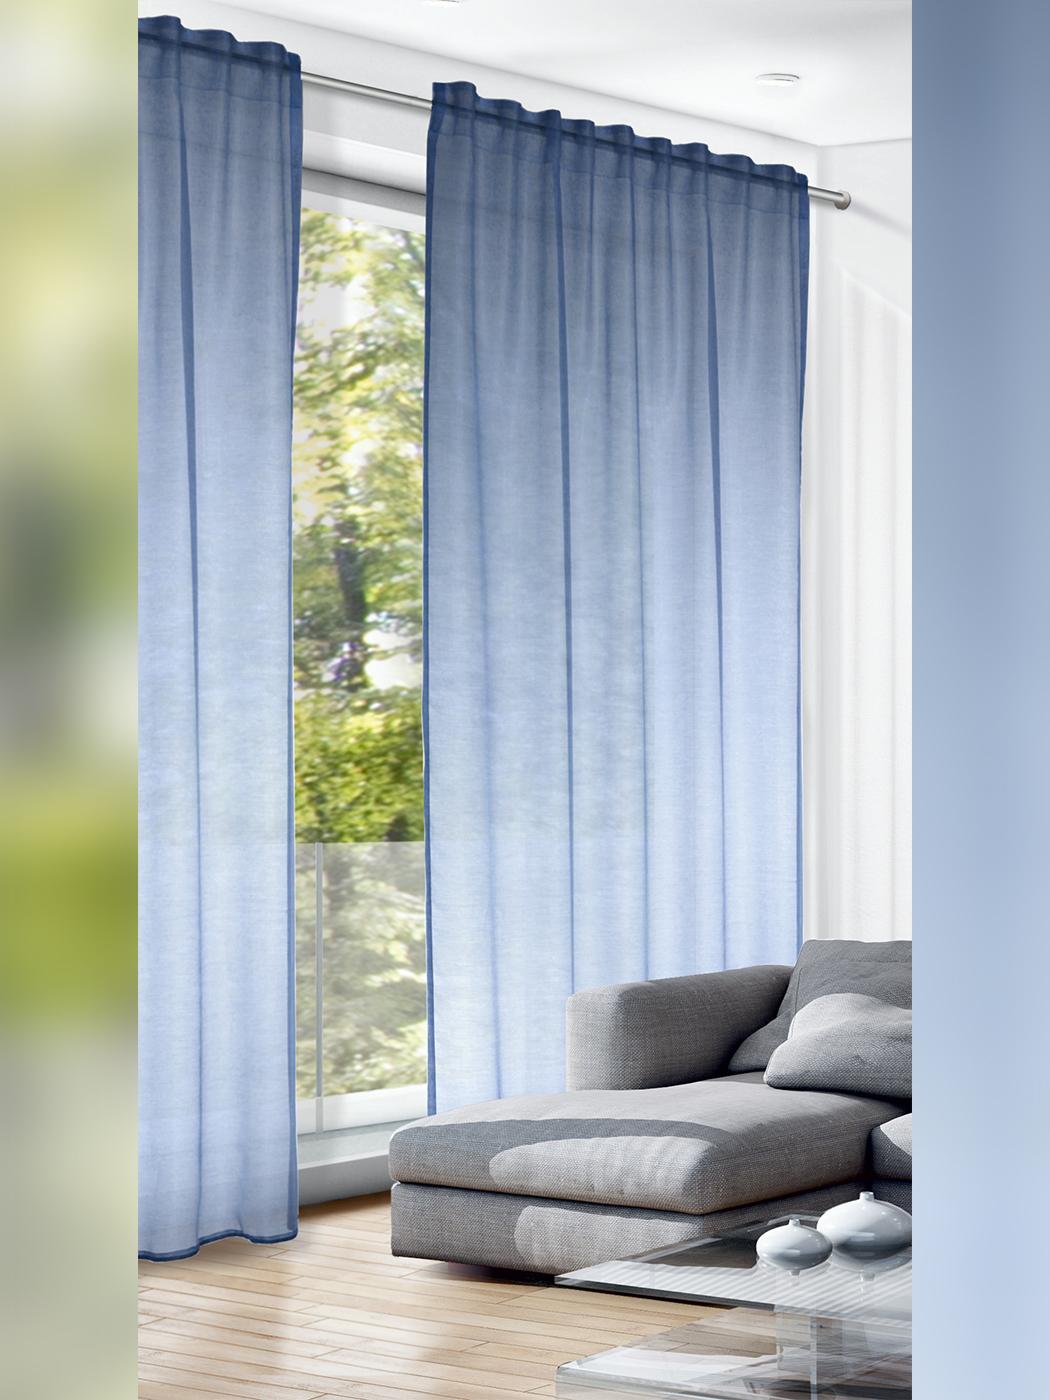 Full Size of Vorhänge Gardine Vorhang Blau 280cm Hoch Gardinen Outlet Wohnzimmer Schlafzimmer Küche Wohnzimmer Vorhänge